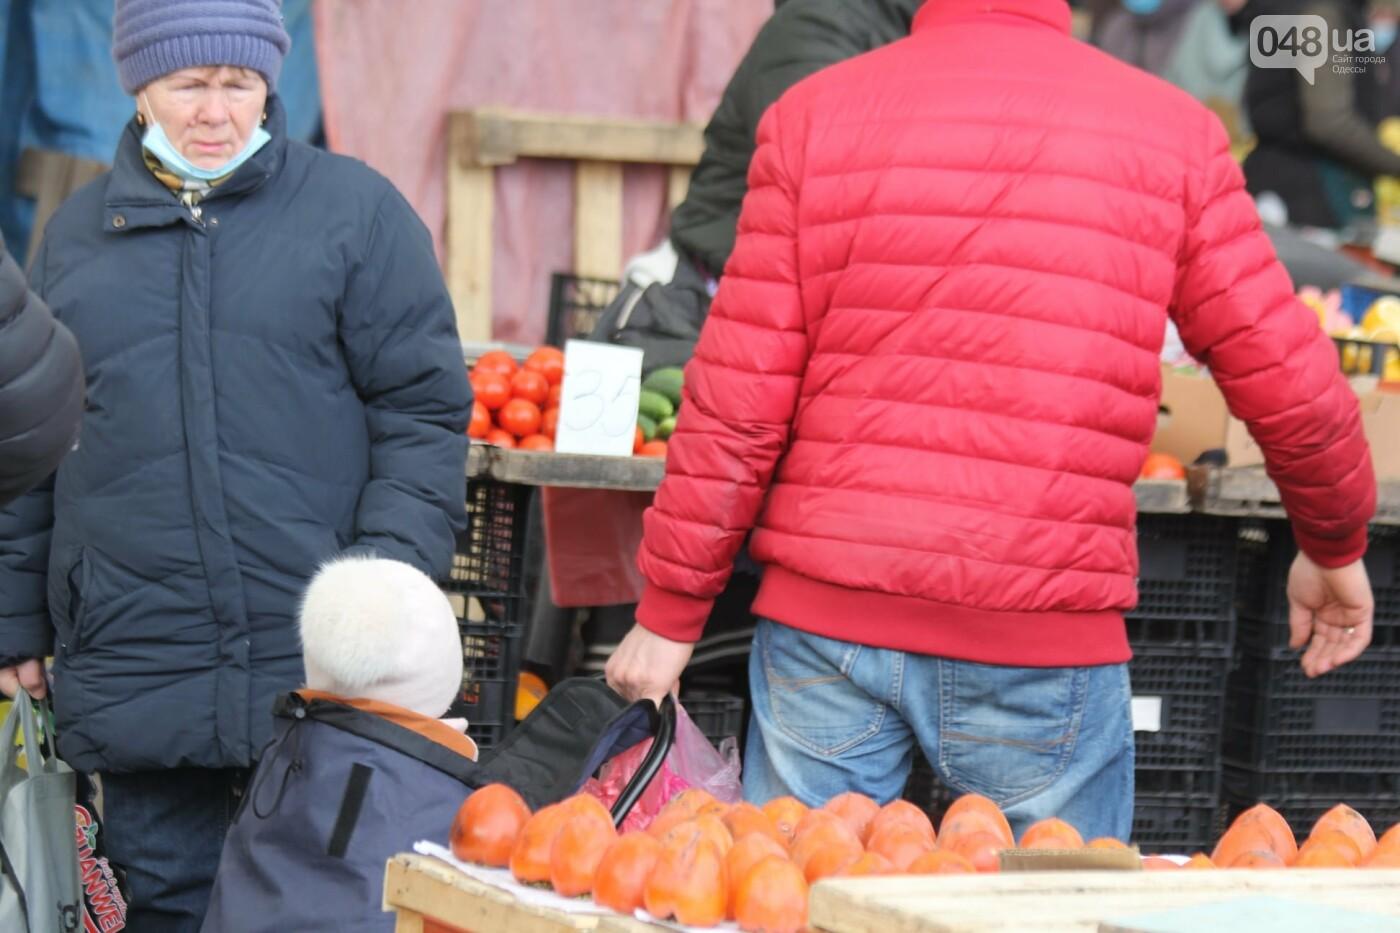 Папа вам не мама: в Одессе на Привозе ребёнка посадили в сумку, - ФОТОФАКТ, фото-2